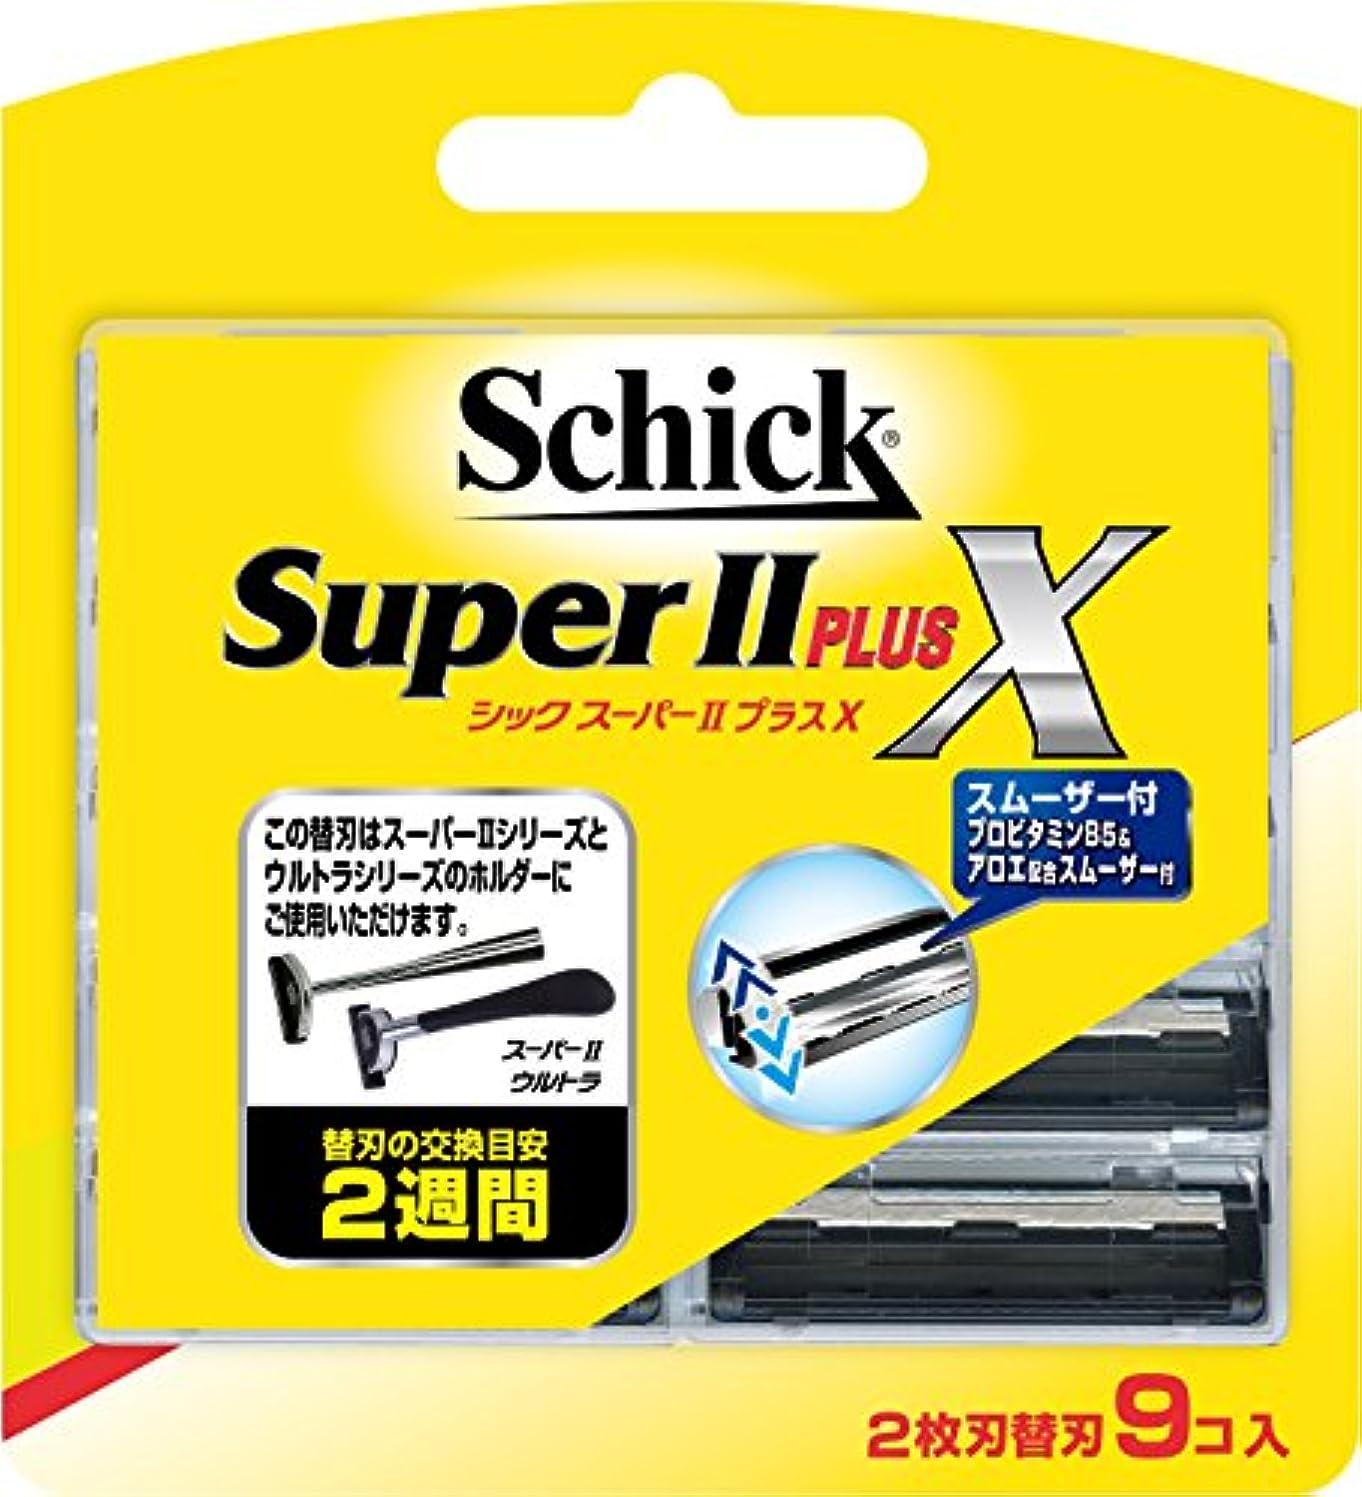 熱帯のソフトウェア分割シック Schick スーパーIIプラスX 2枚刃 替刃 (9コ入)